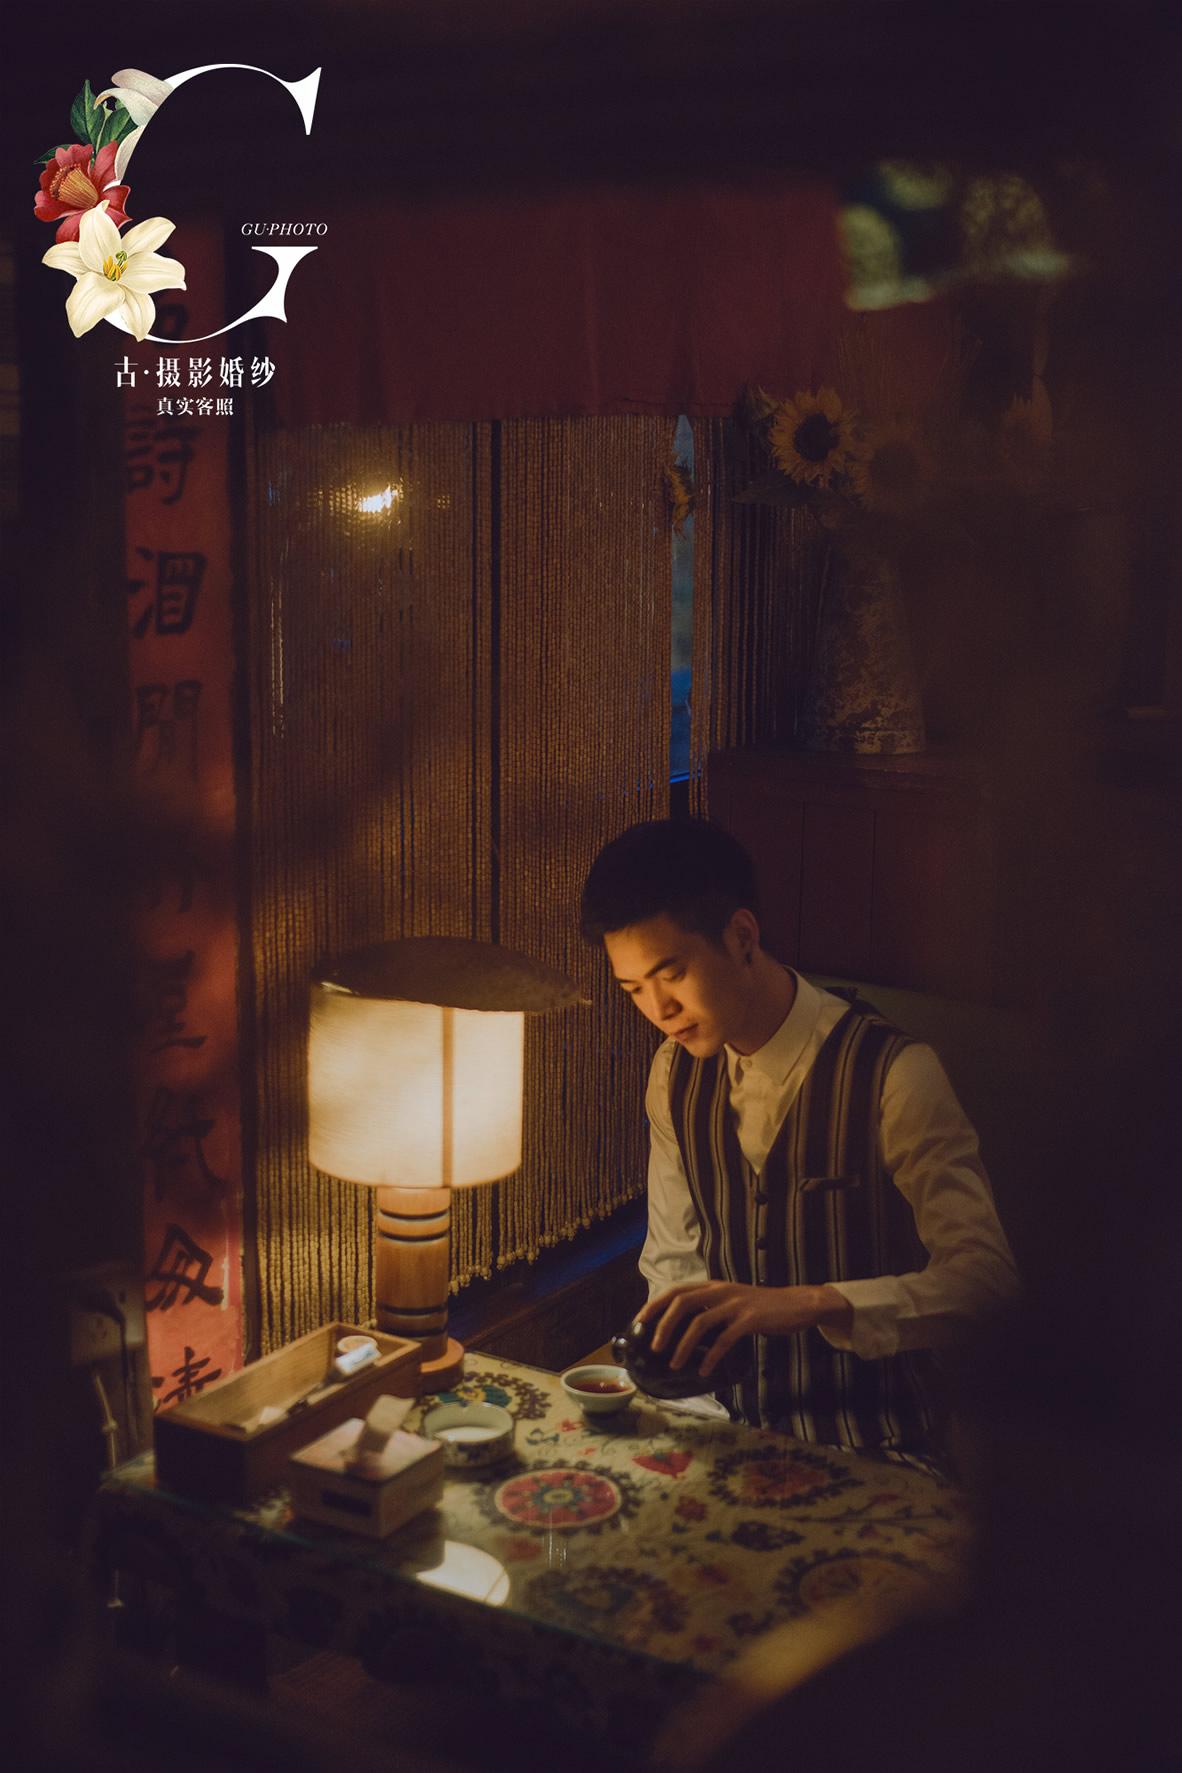 6月11日客片刘先生 小麦 - 每日客照 - 古摄影婚纱艺术-古摄影成都婚纱摄影艺术摄影网